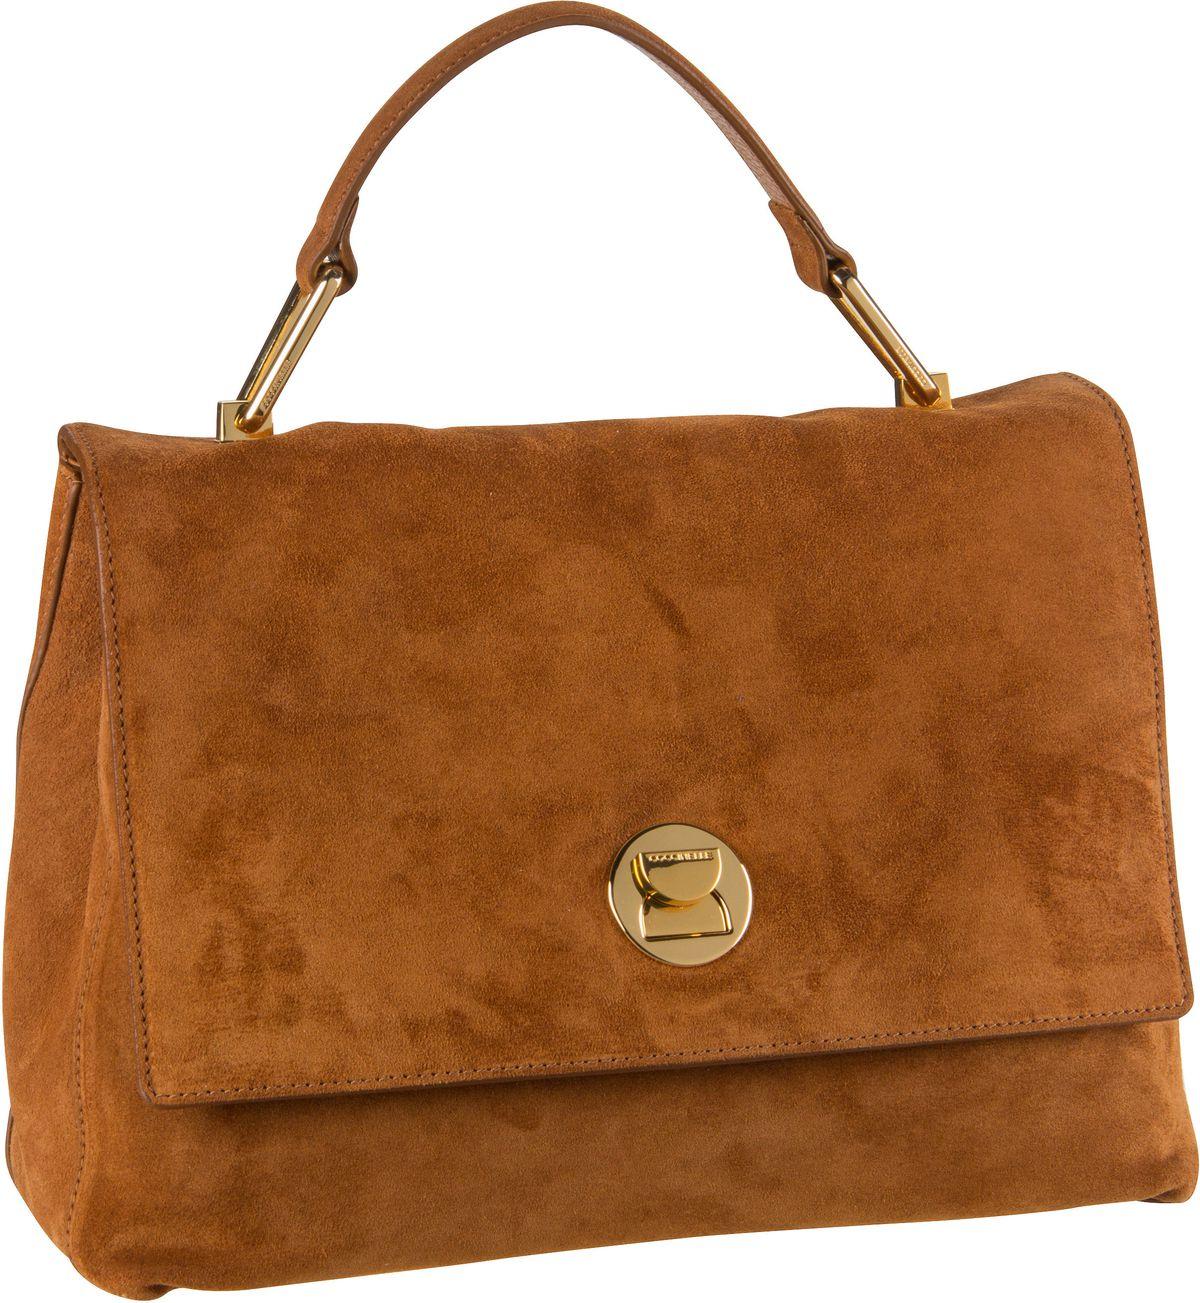 Handtasche Liya Suede 1801 Caramel